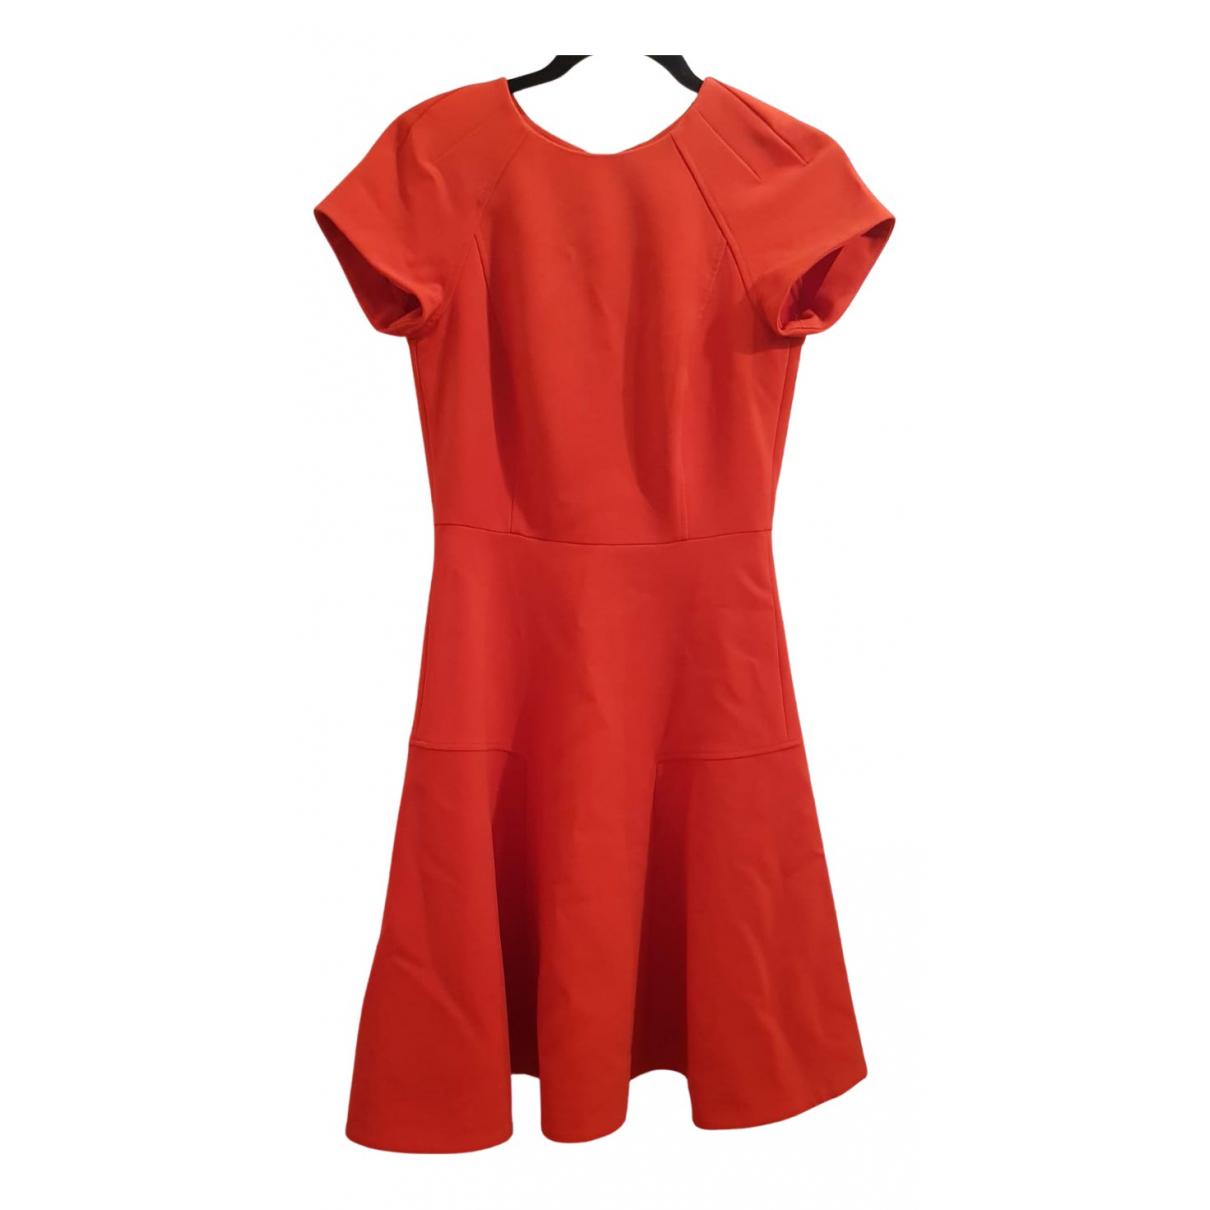 Lk Bennett N Red dress for Women 6 UK